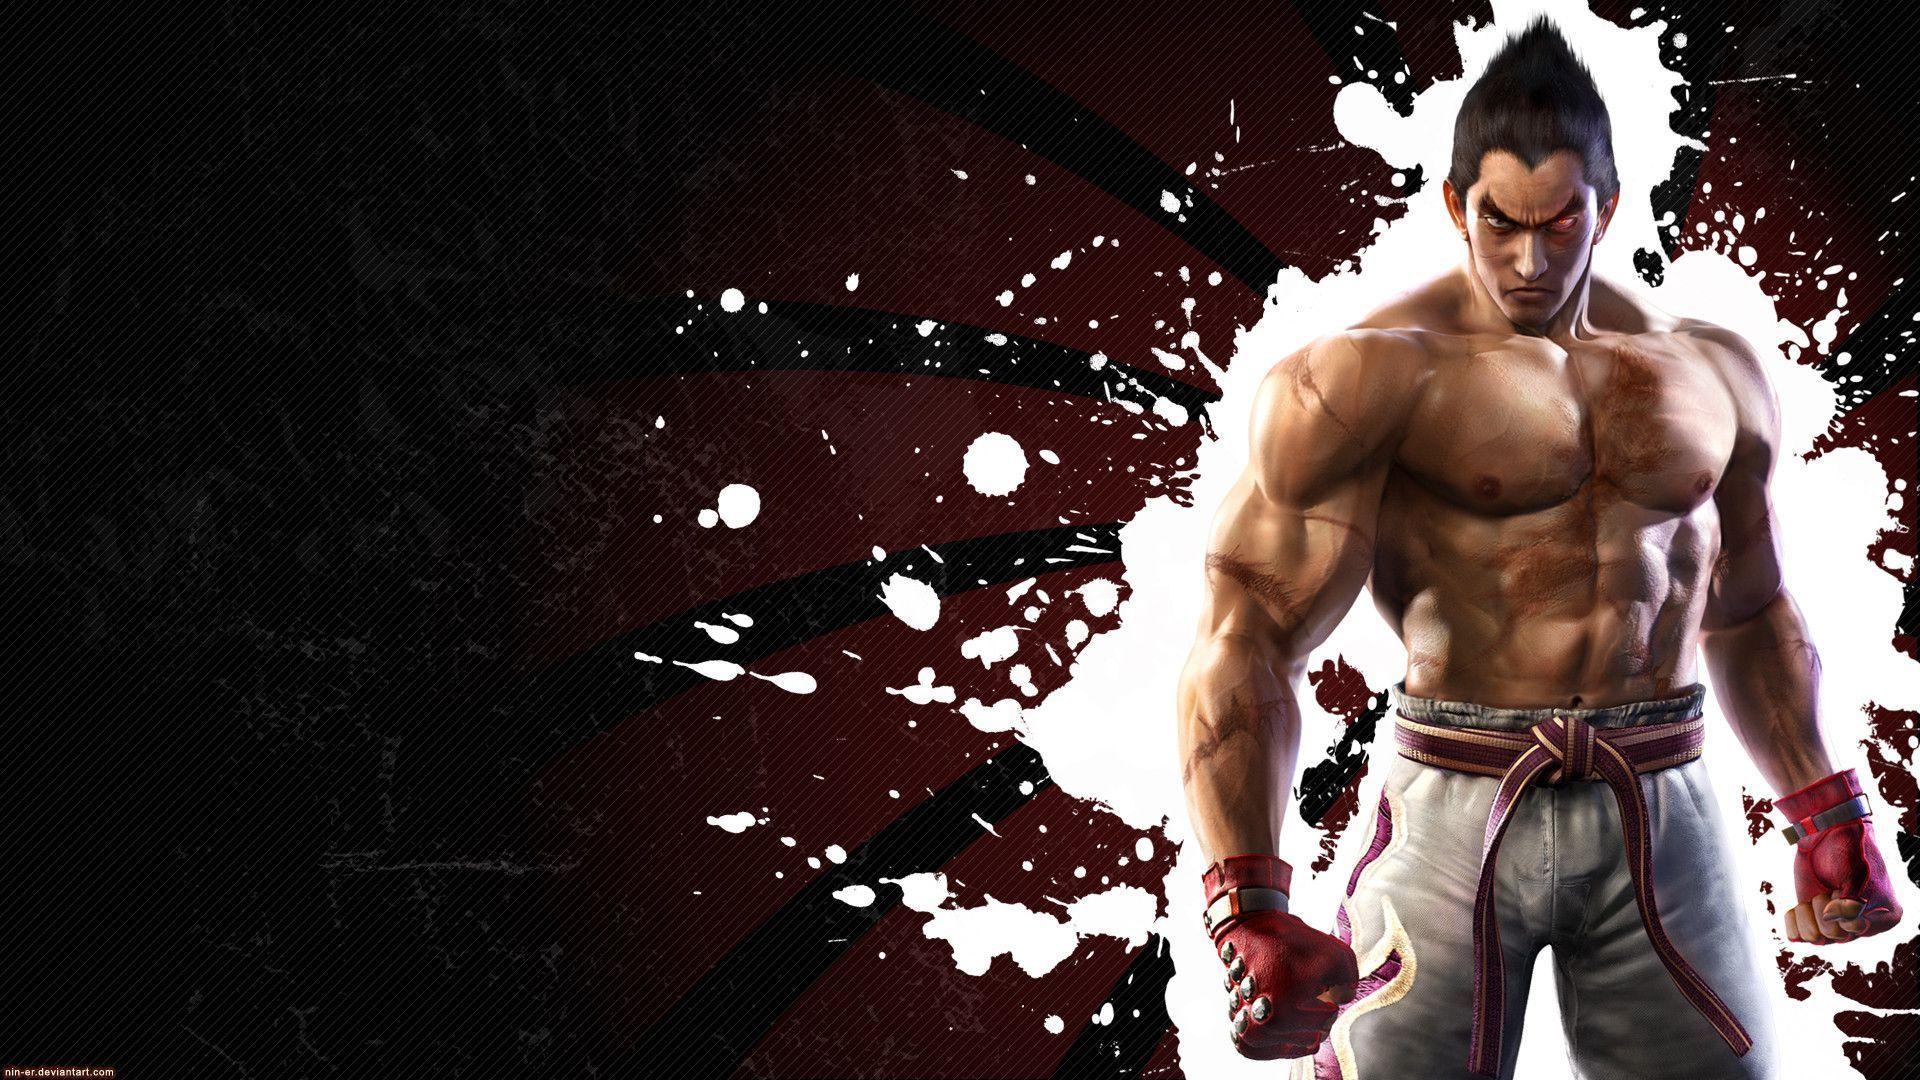 Tekken Games HD Wallpapers | Tekken Games Desktop Images | Cool ...